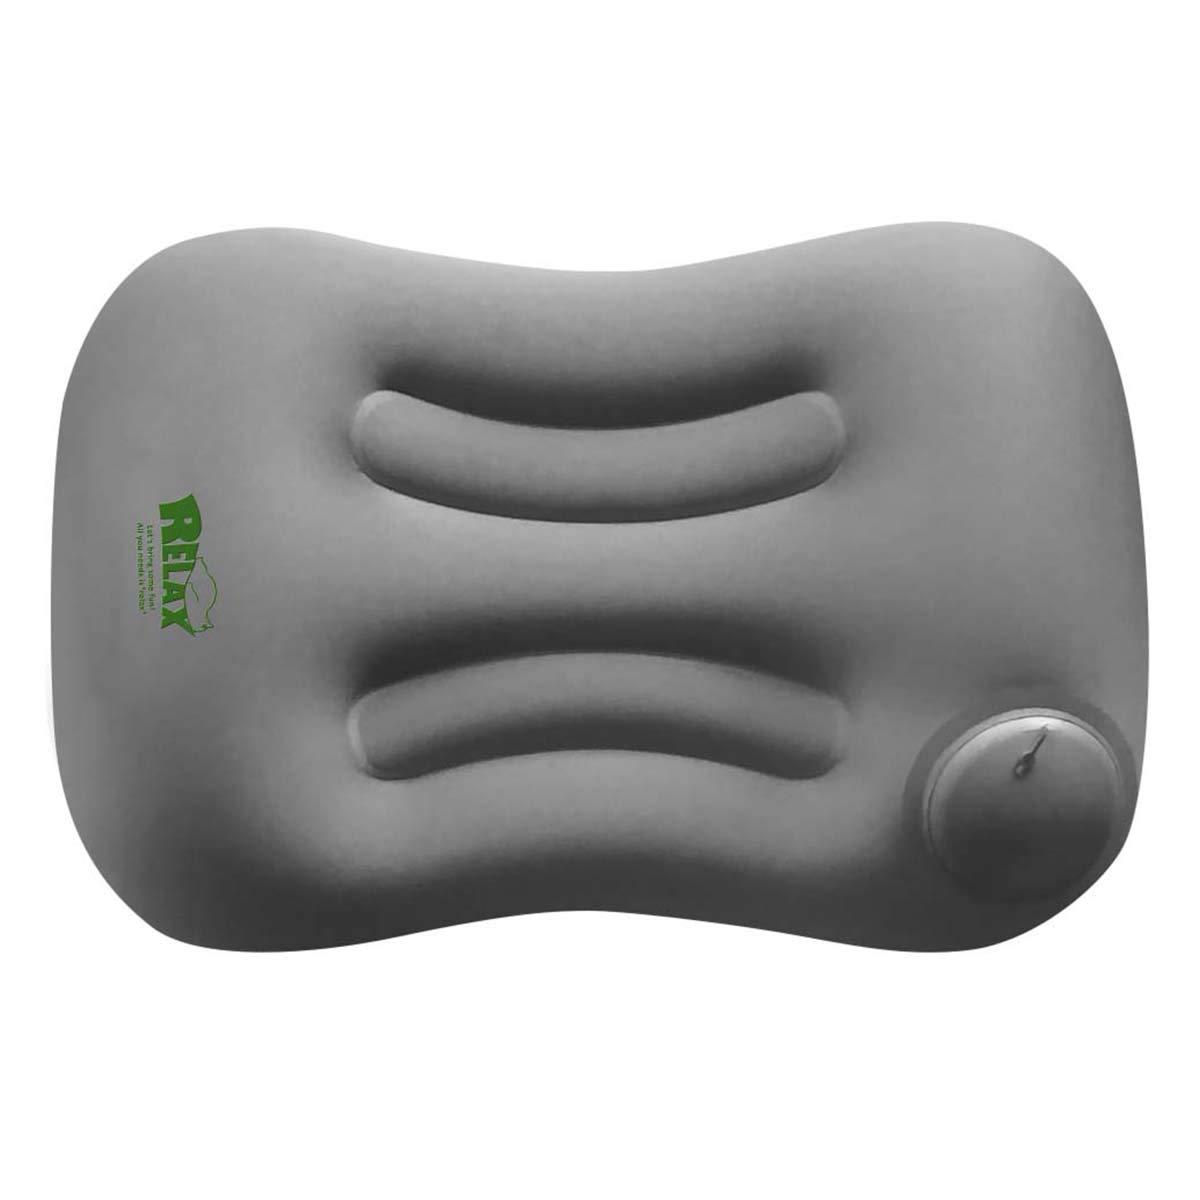 (リラックス)RELAX アウトドアピロー トラベル 携帯枕 トラベルピロー アウトドア用品 コンパクト (グレー)